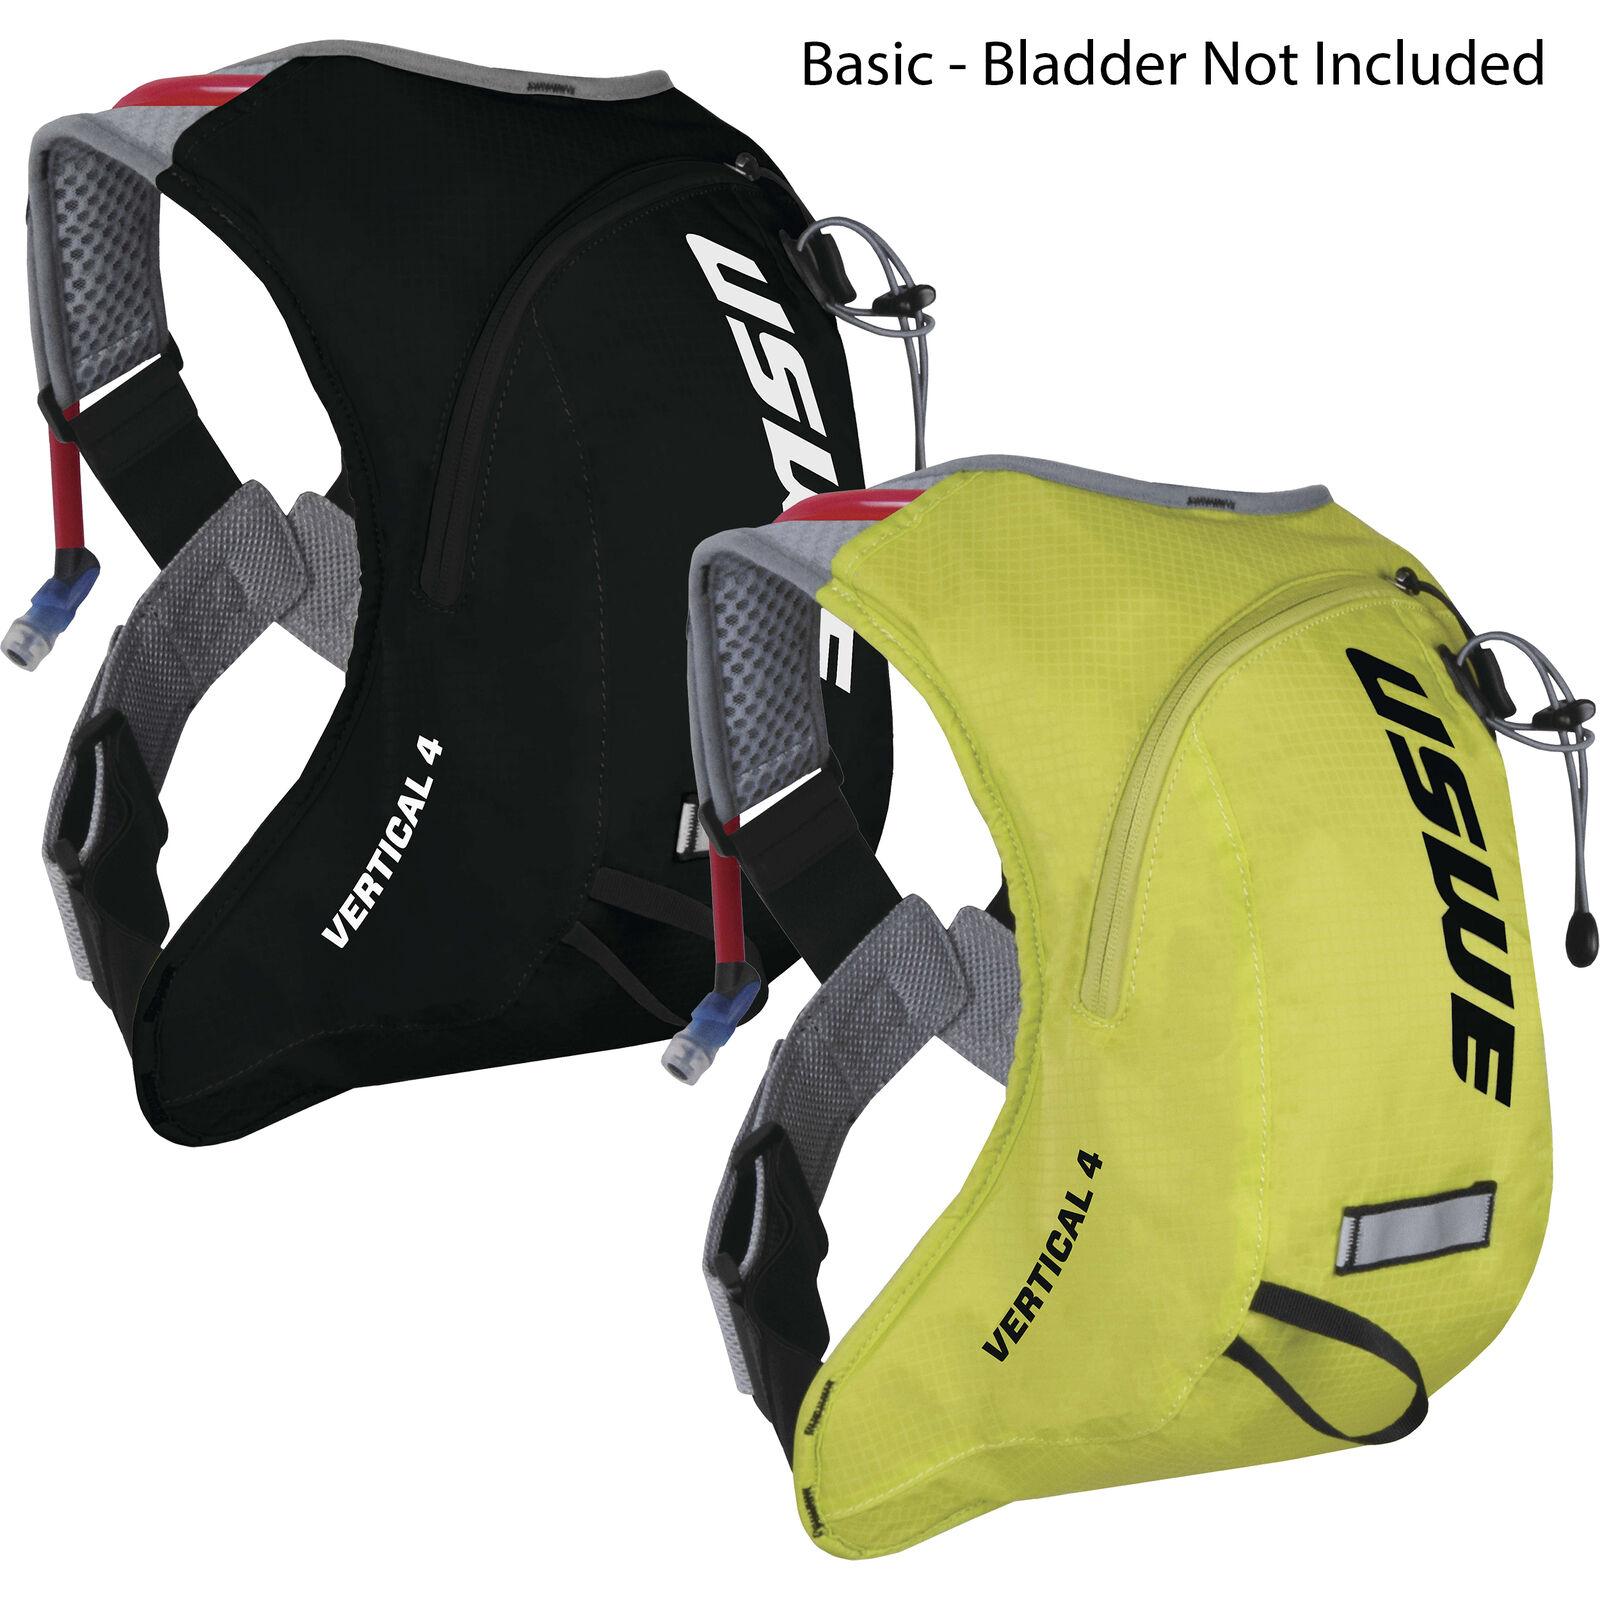 USWE Grünical™ Basic 4L Unisex Backpack, 295g